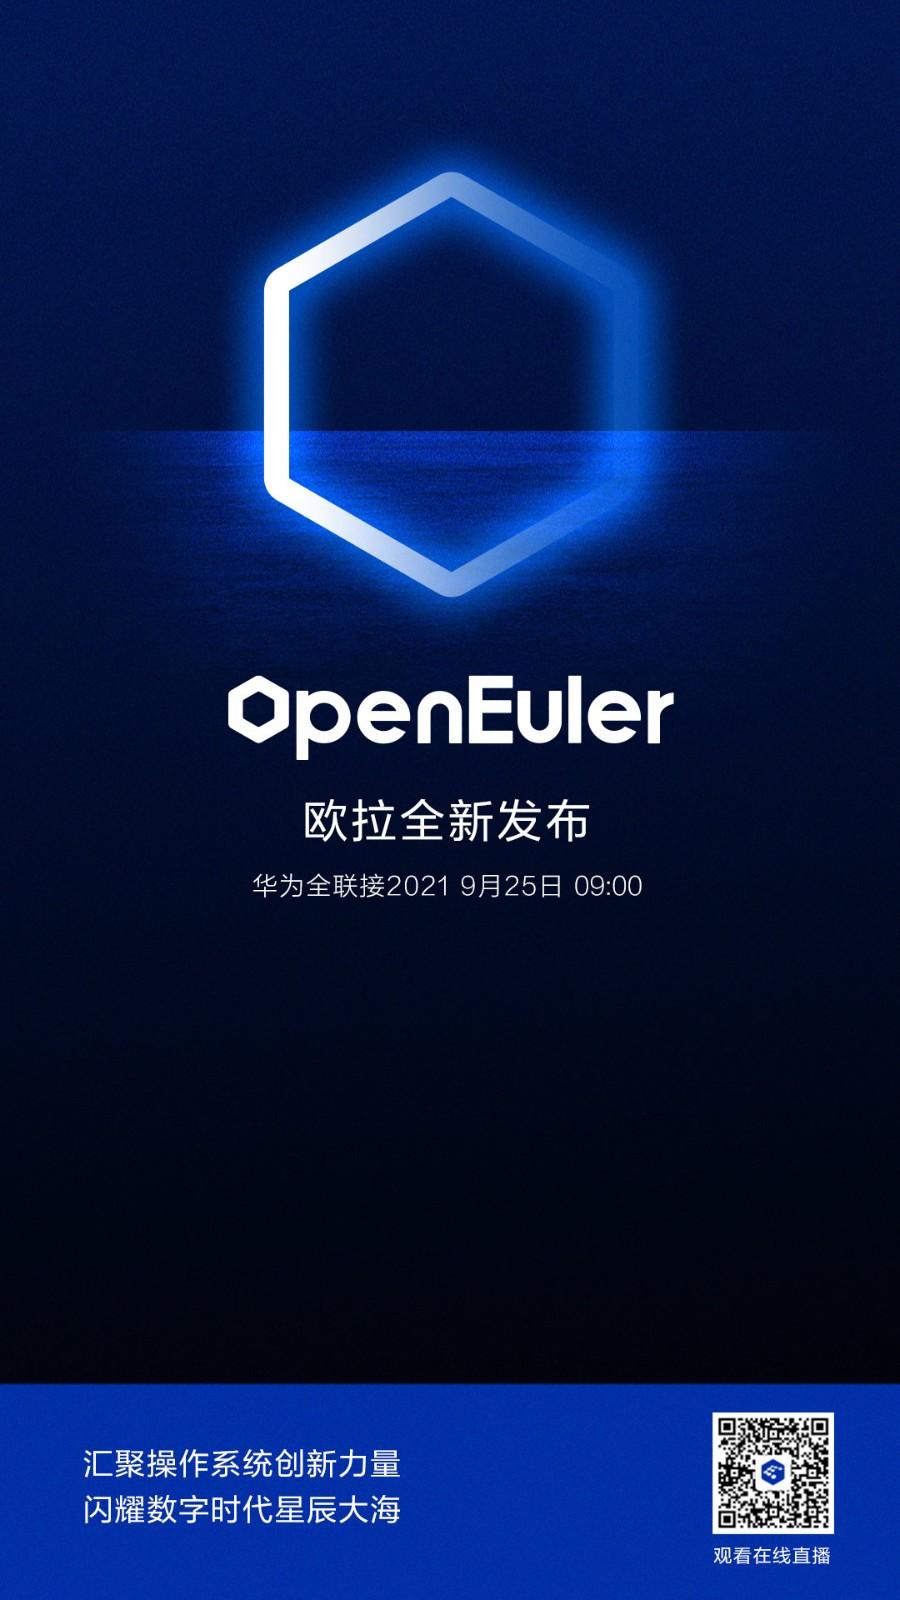 华为即将发布新操作系统 9月25日见分晓